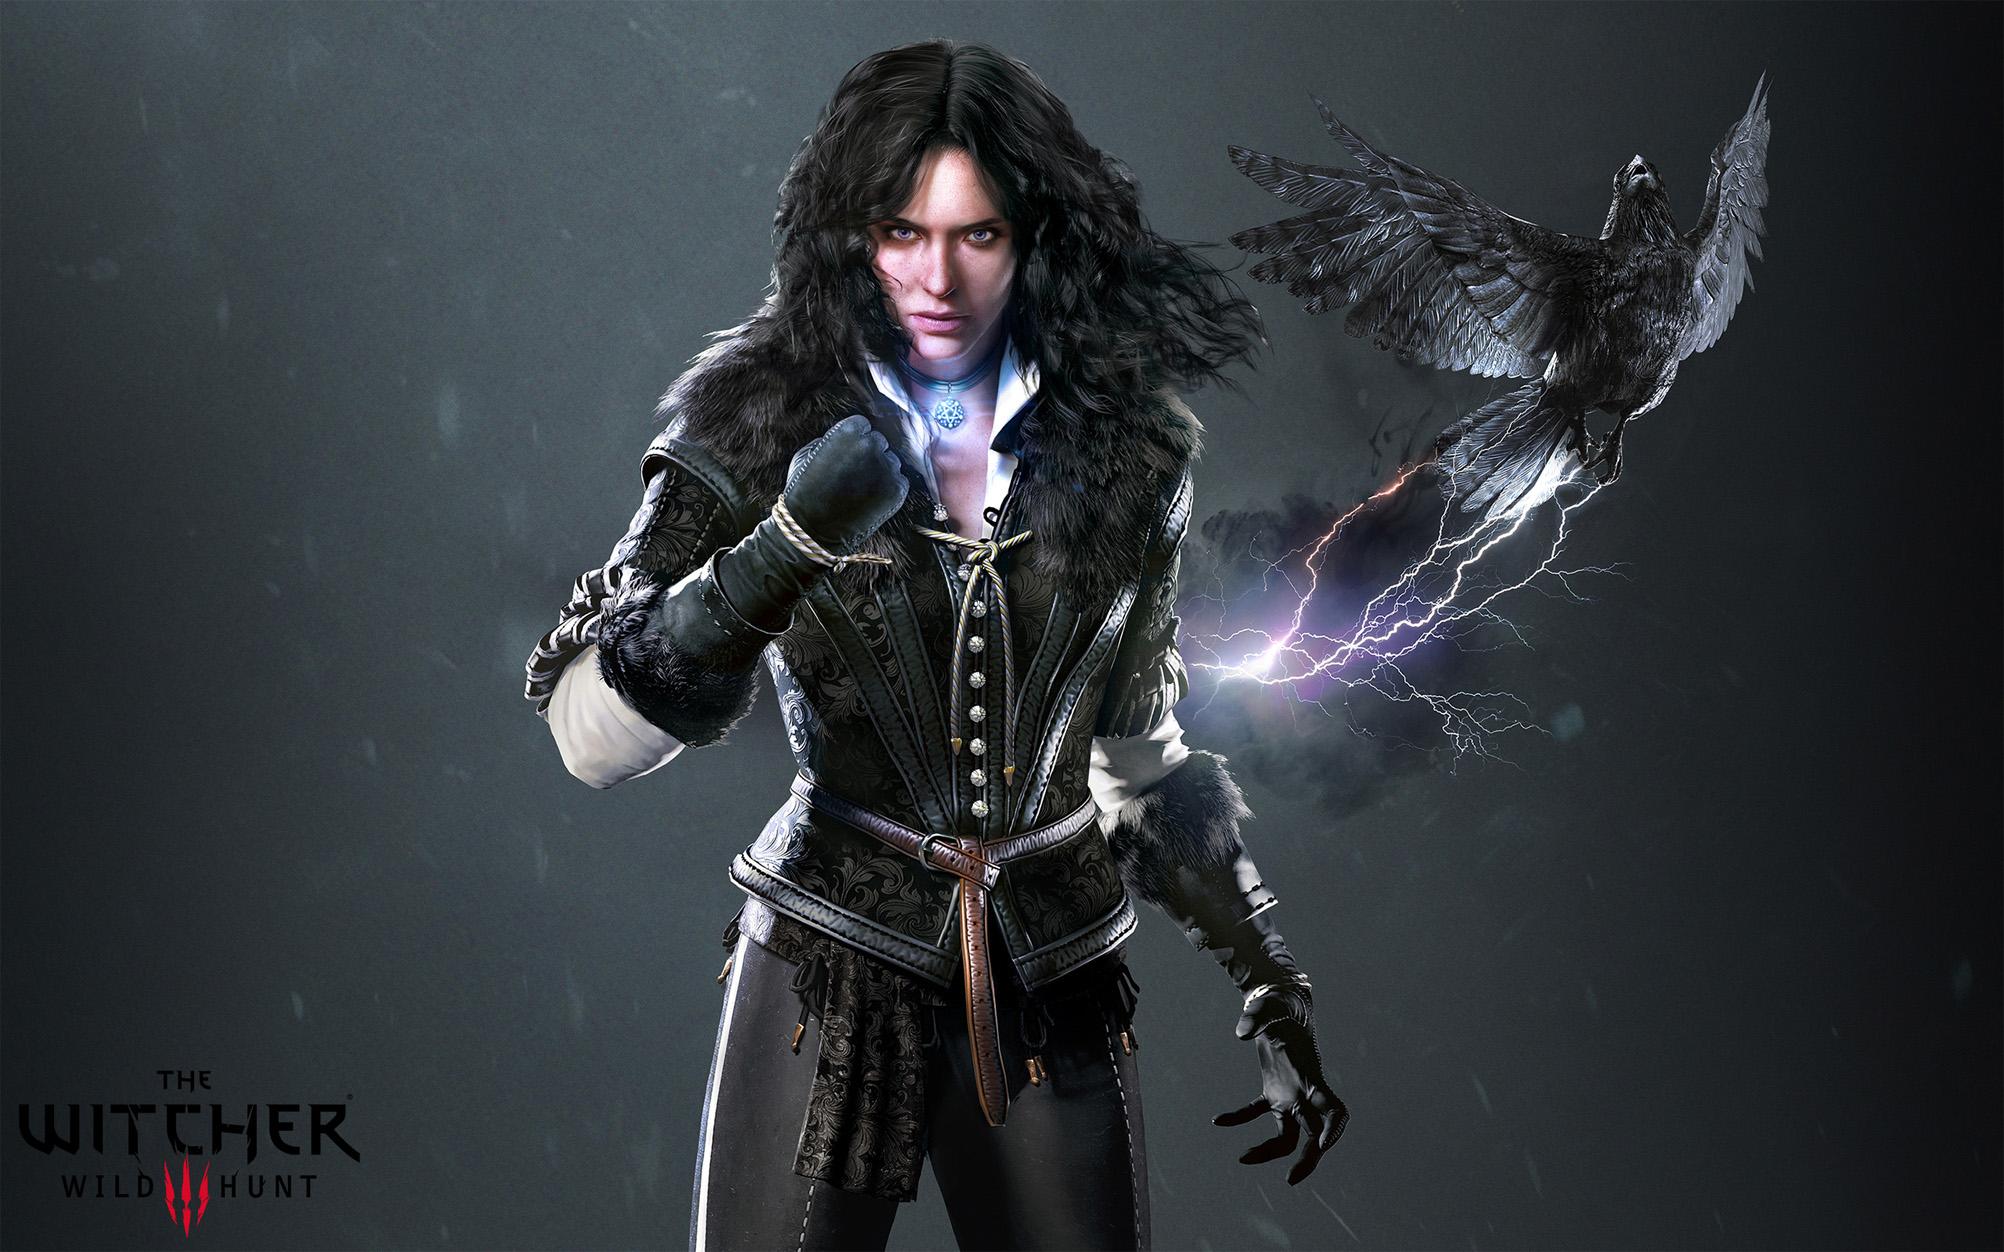 Красивые картинки, арт Йеннифэр из Венгерберга The Witcher 3 Wild Hunt 7